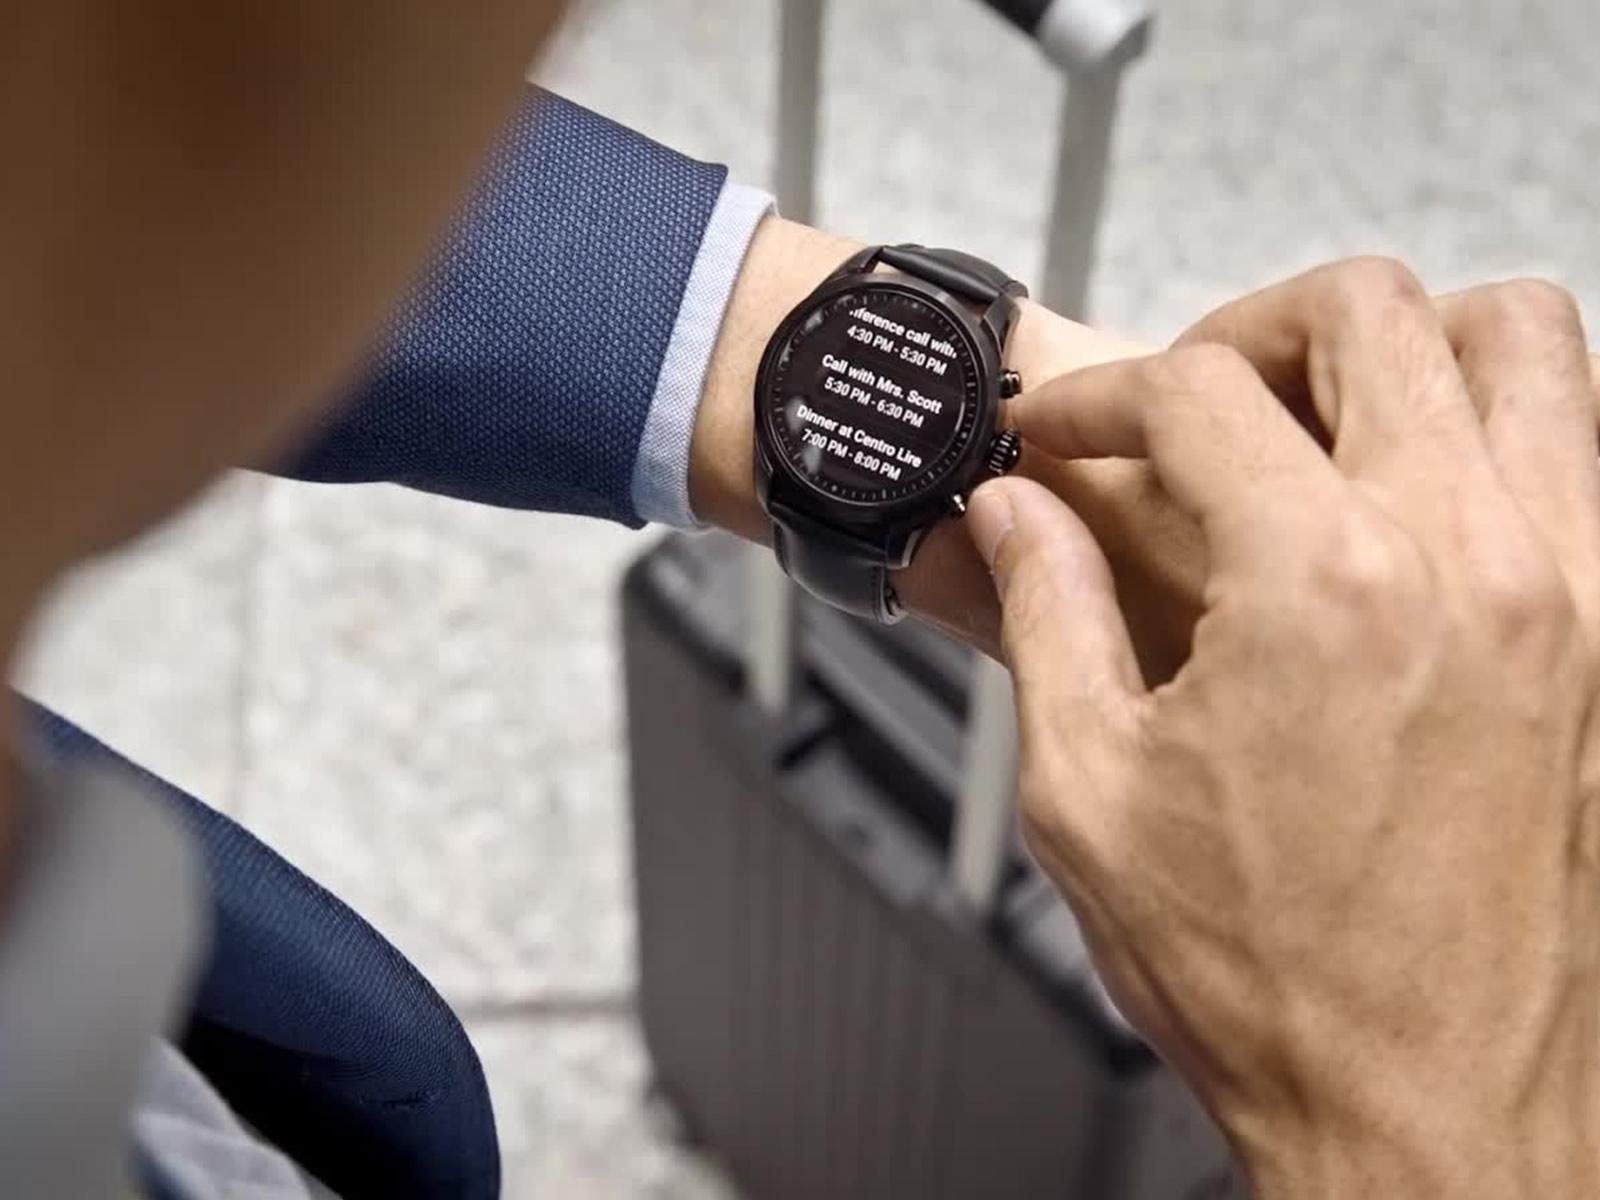 montblanc-summit-2-smartwatch-12-.jpg